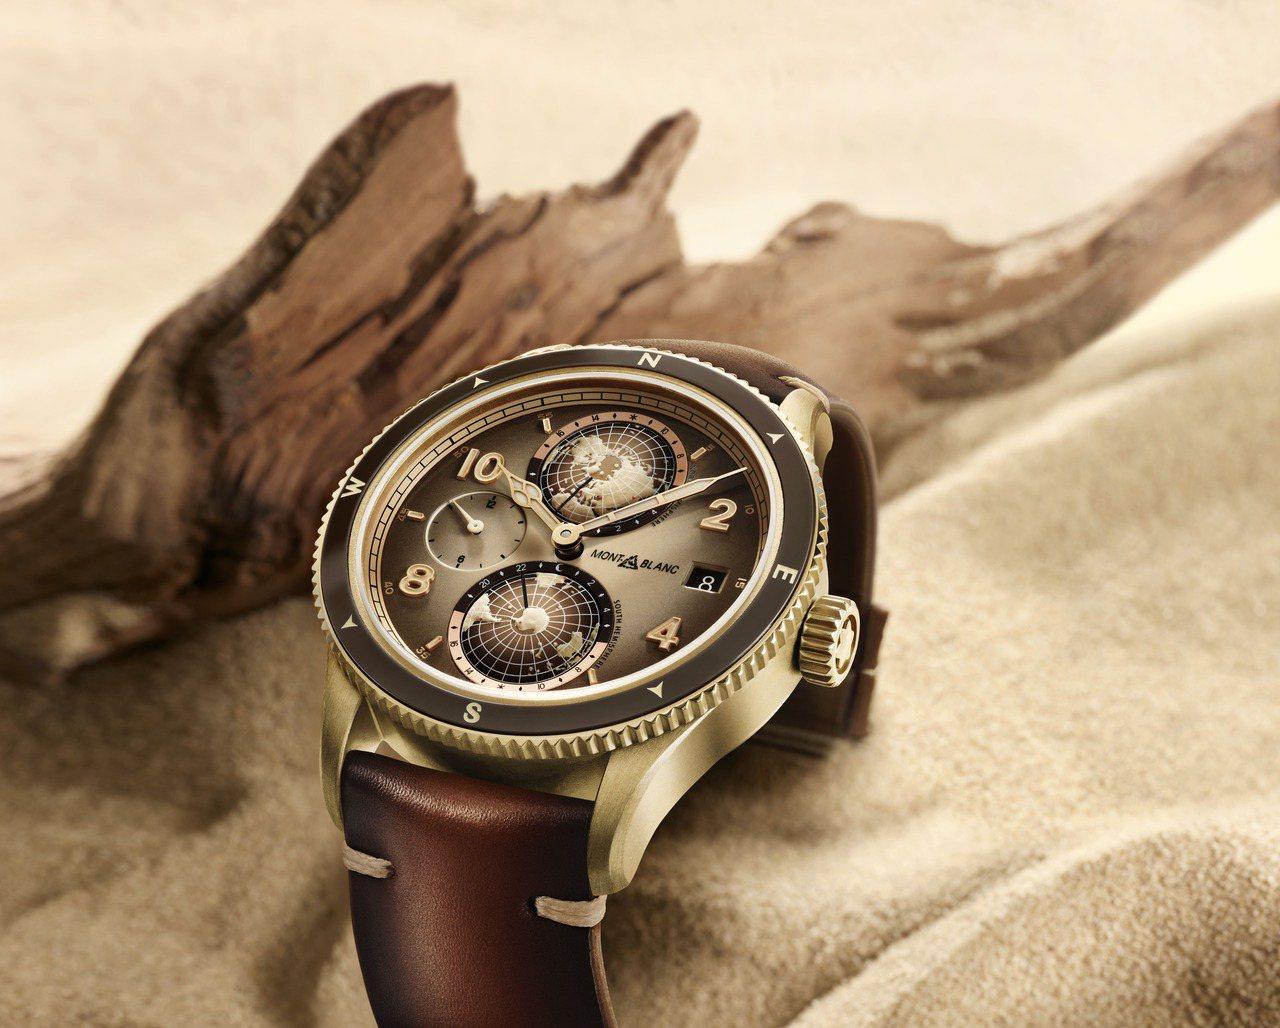 萬寶龍1858系列Geosphere腕表,青銅合金表殼,限量1858只,約20萬...